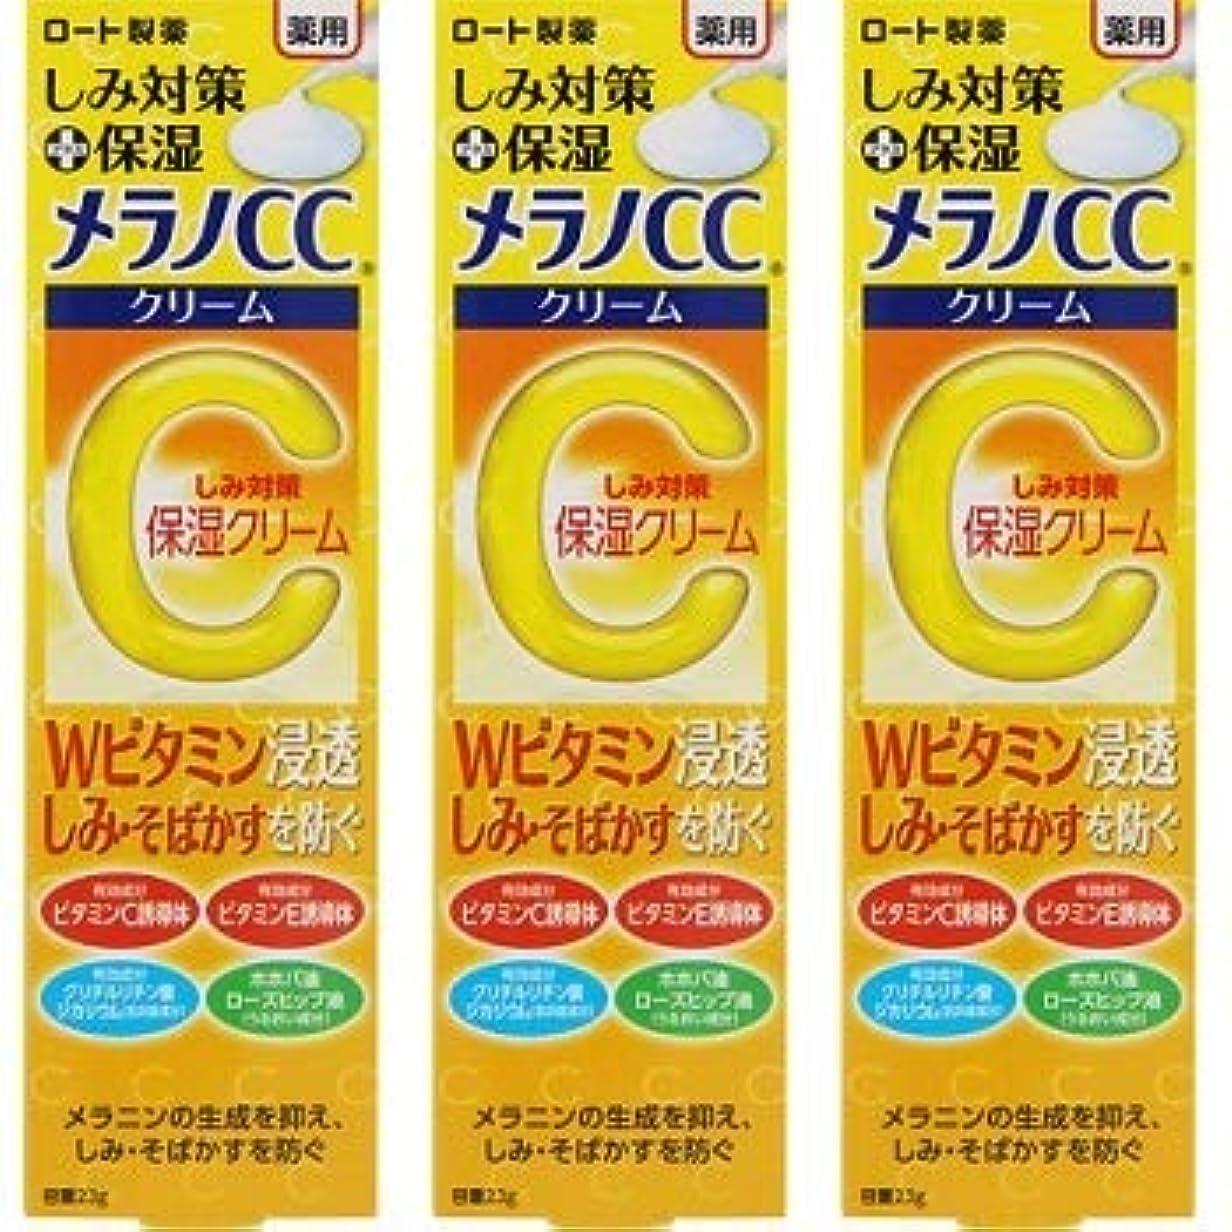 株式会社ソフィー原告メラノCC 薬用しみ対策 保湿クリーム 23g×3個セット